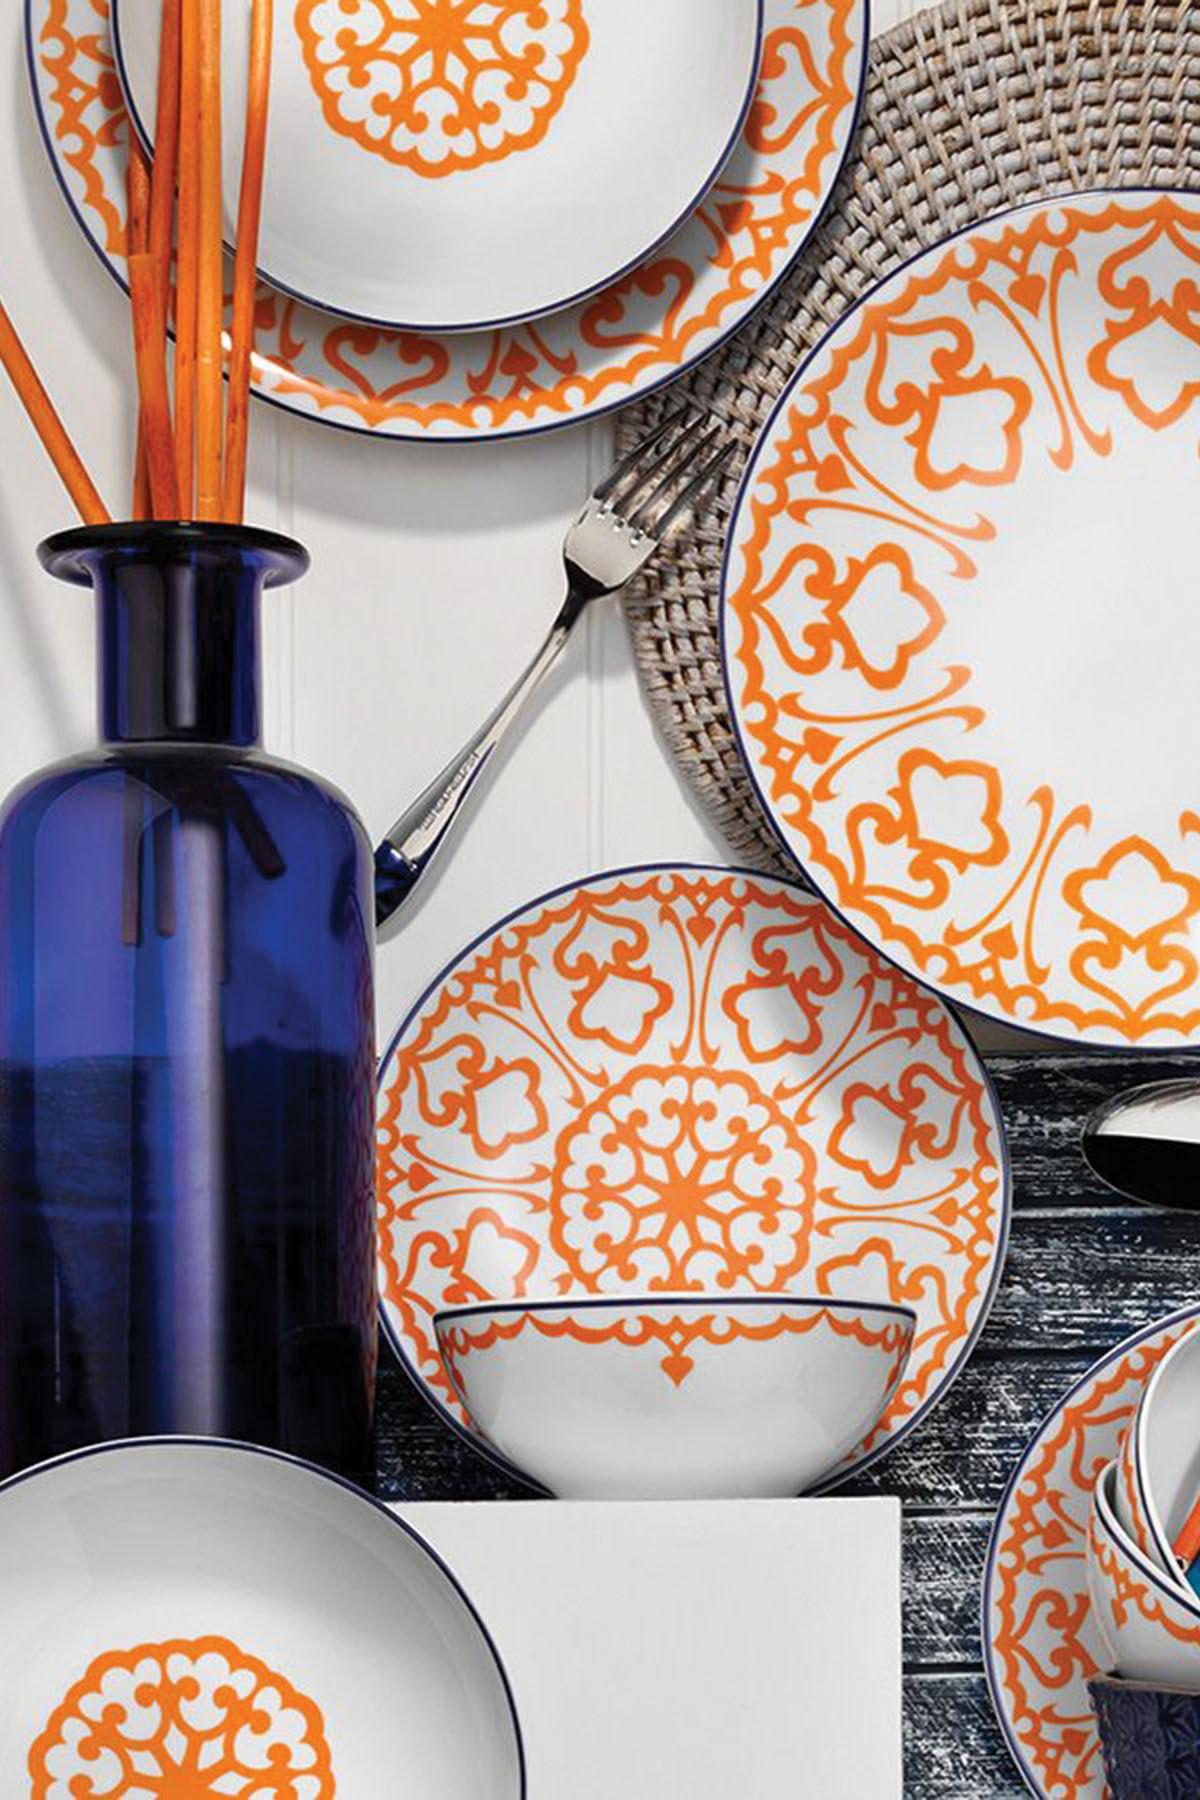 Kütahya Porselen Turuncu Desenli 24 Parça Yemek Takımı 1